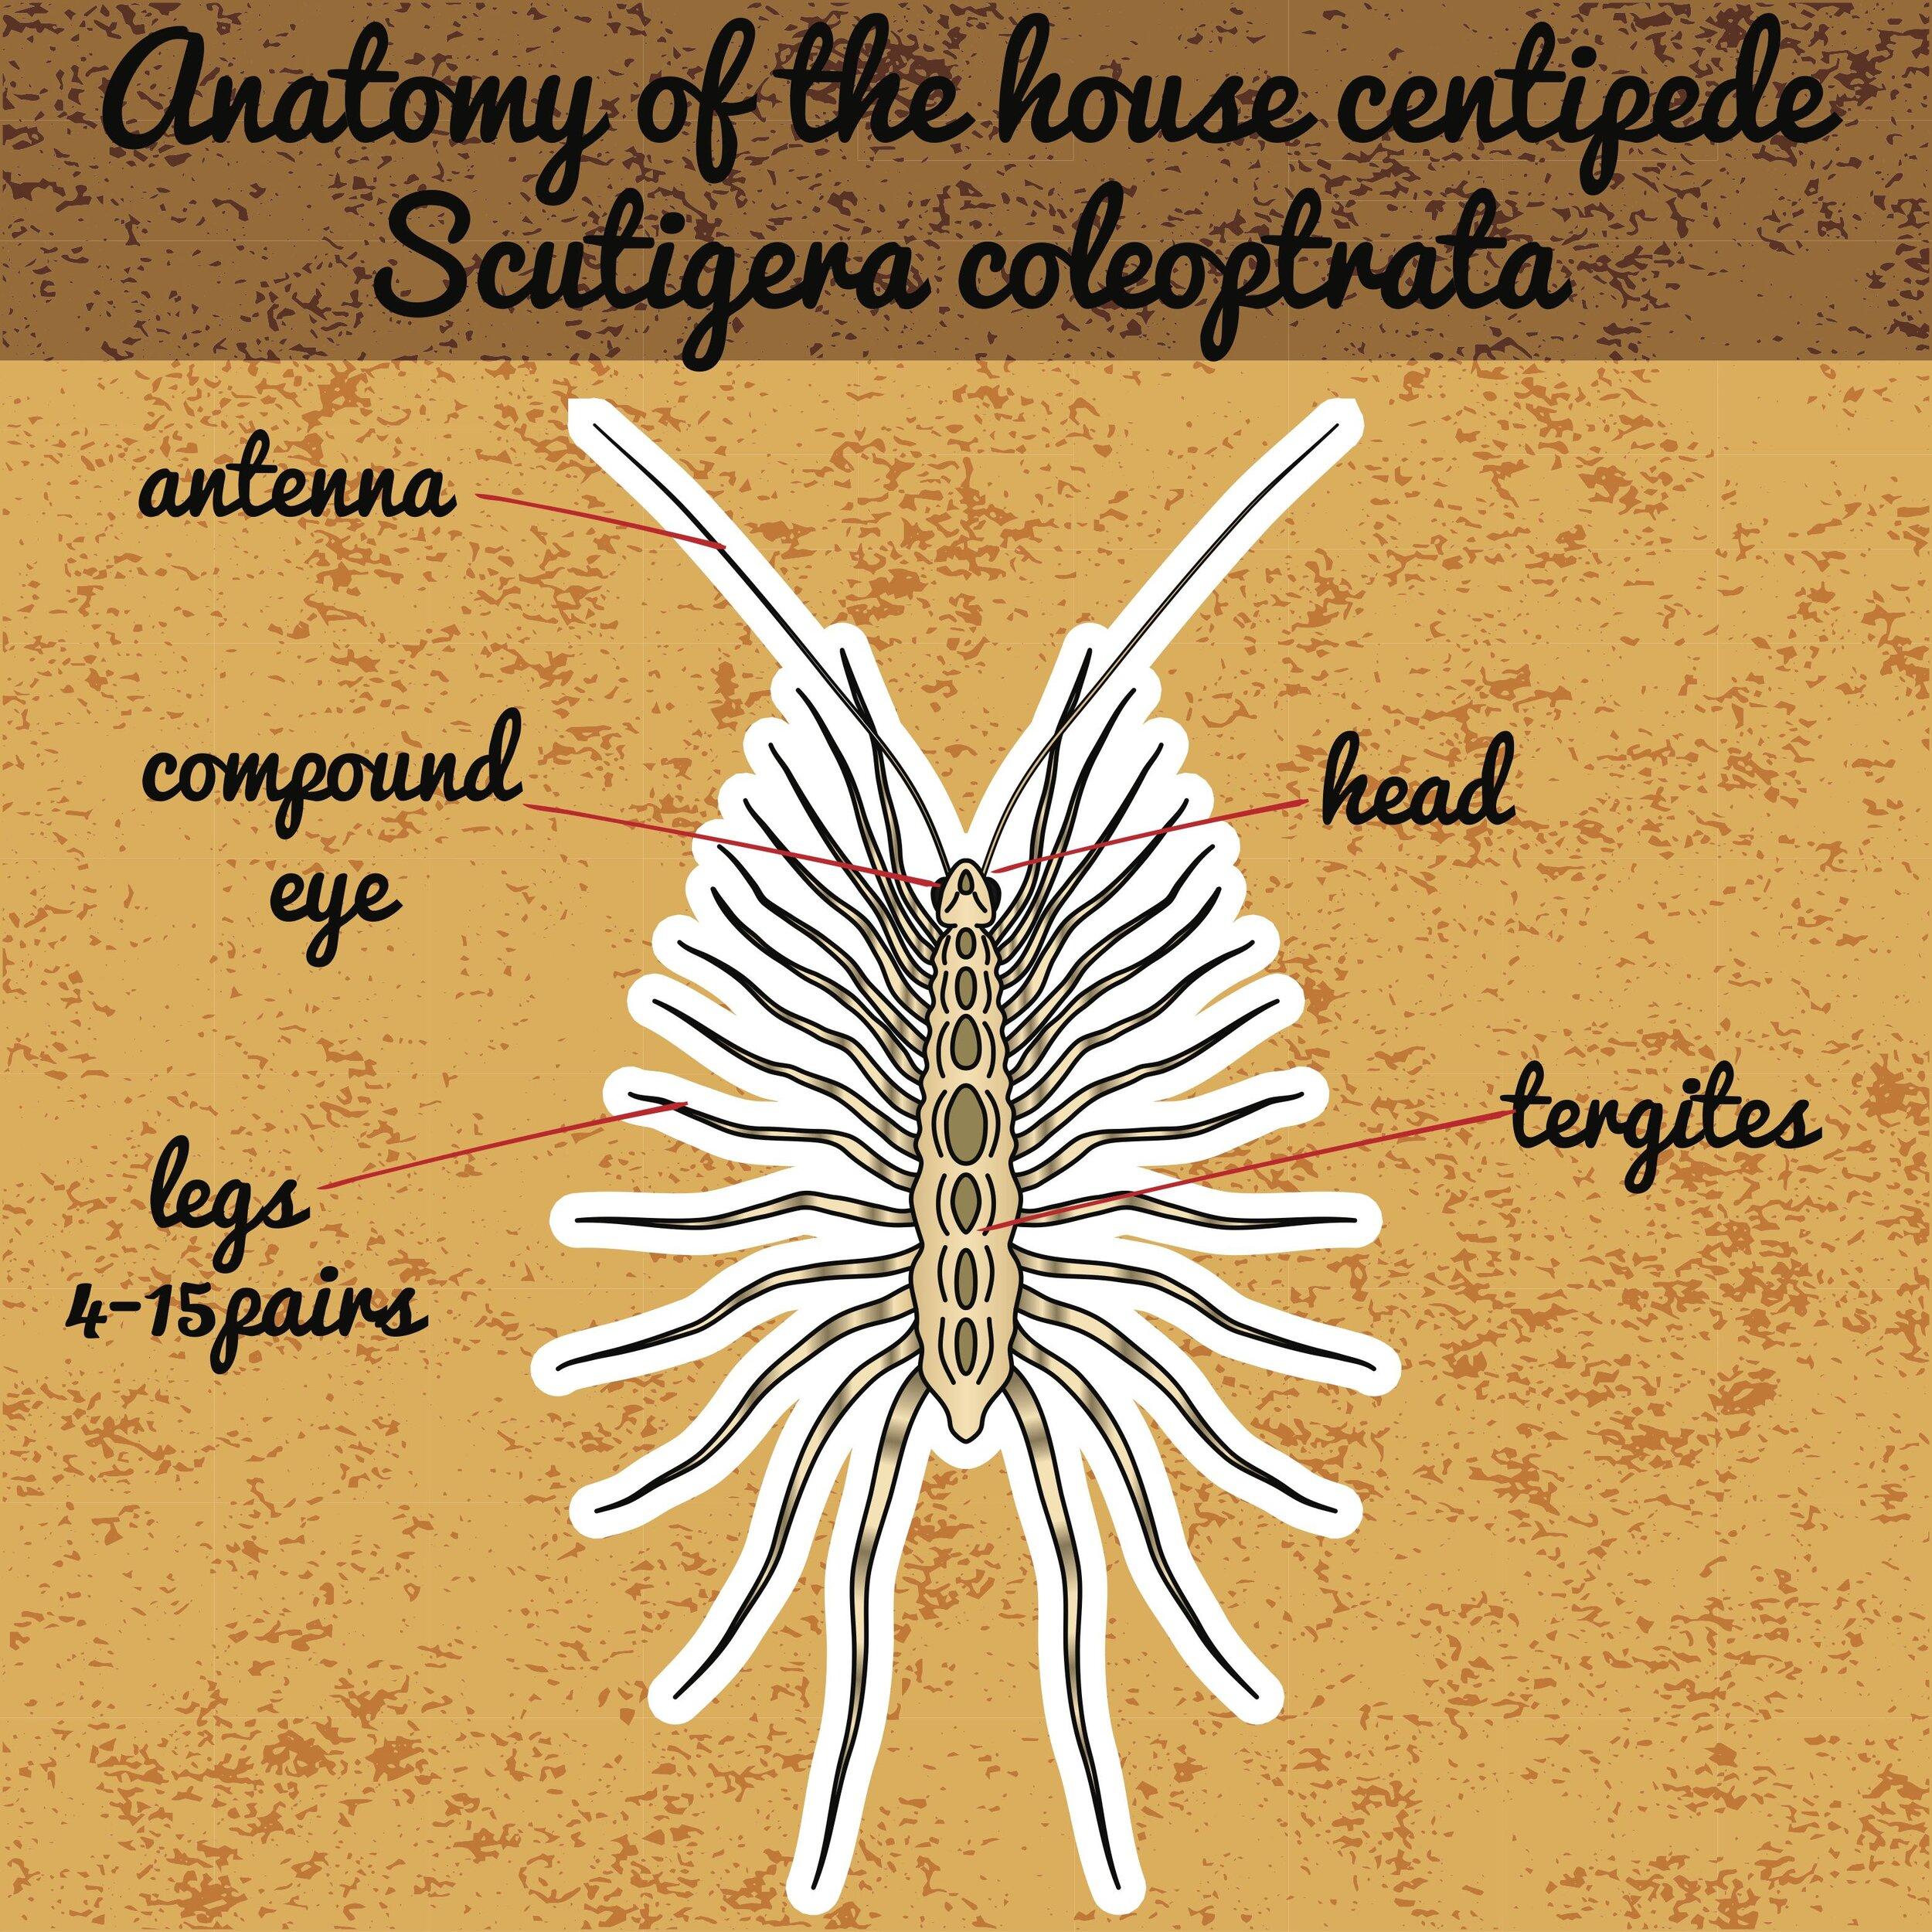 房子centipede.jpg